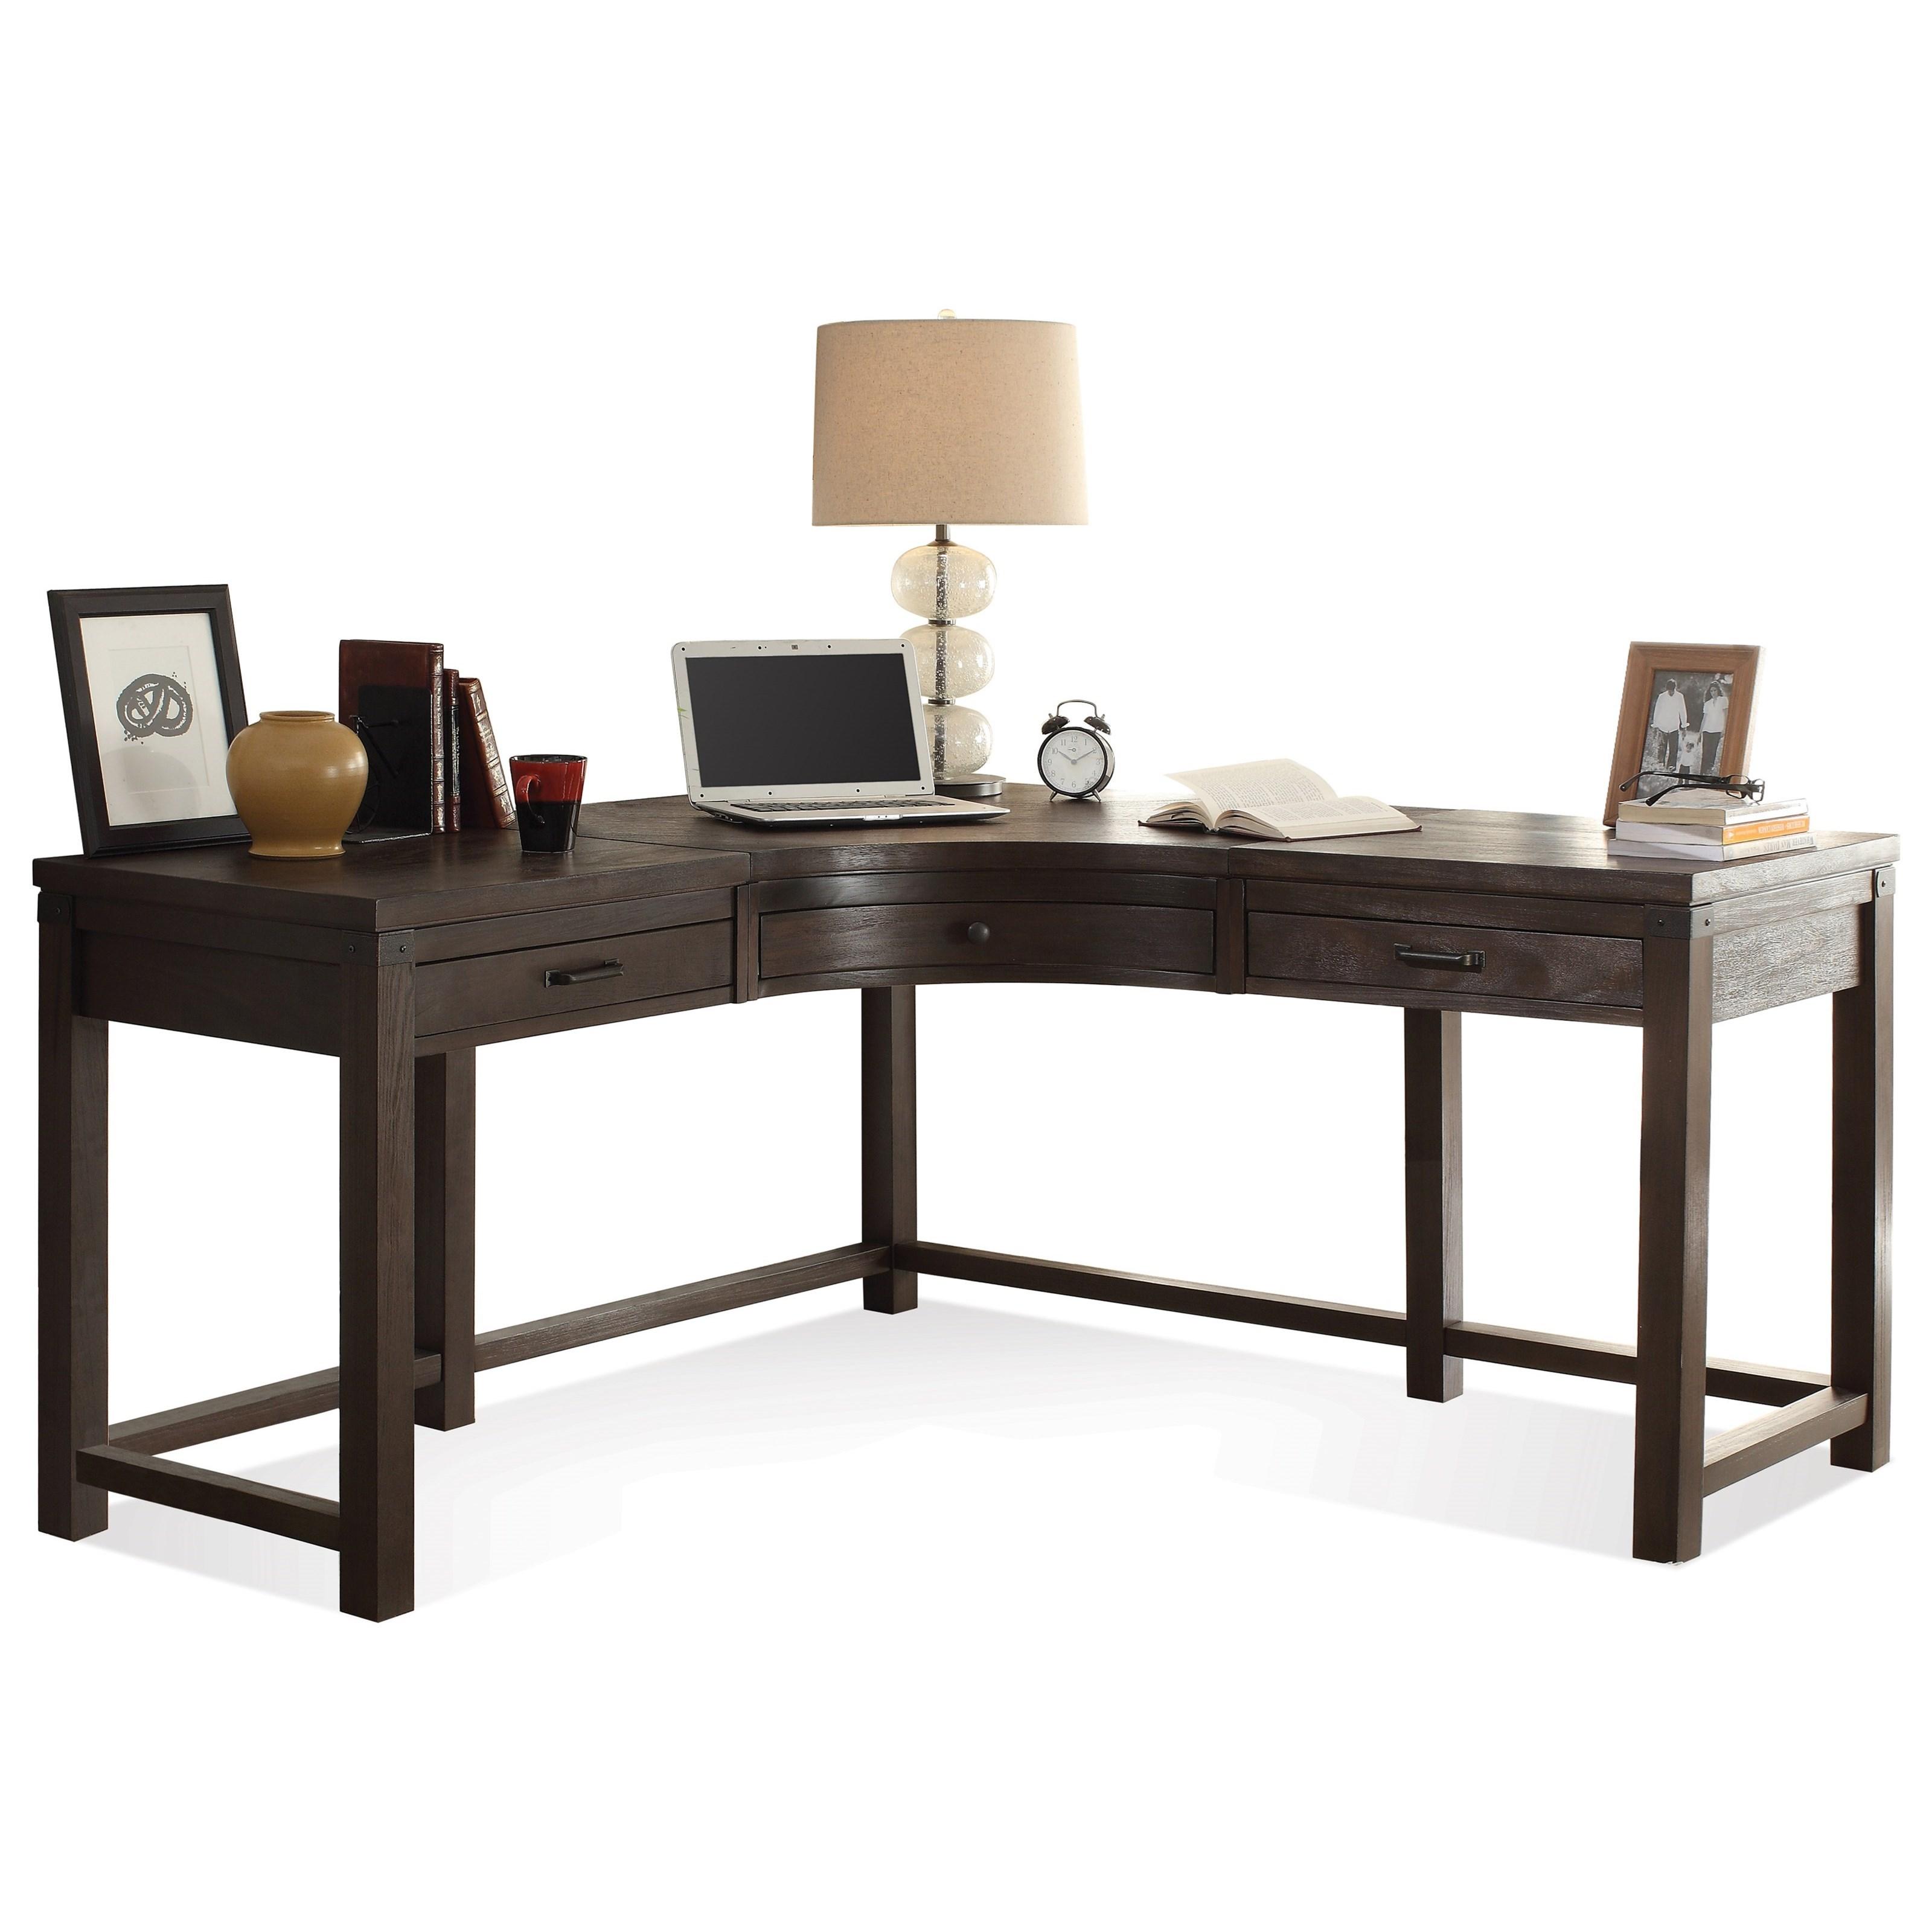 3 Drawer Curved Corner Desk by Riverside Furniture